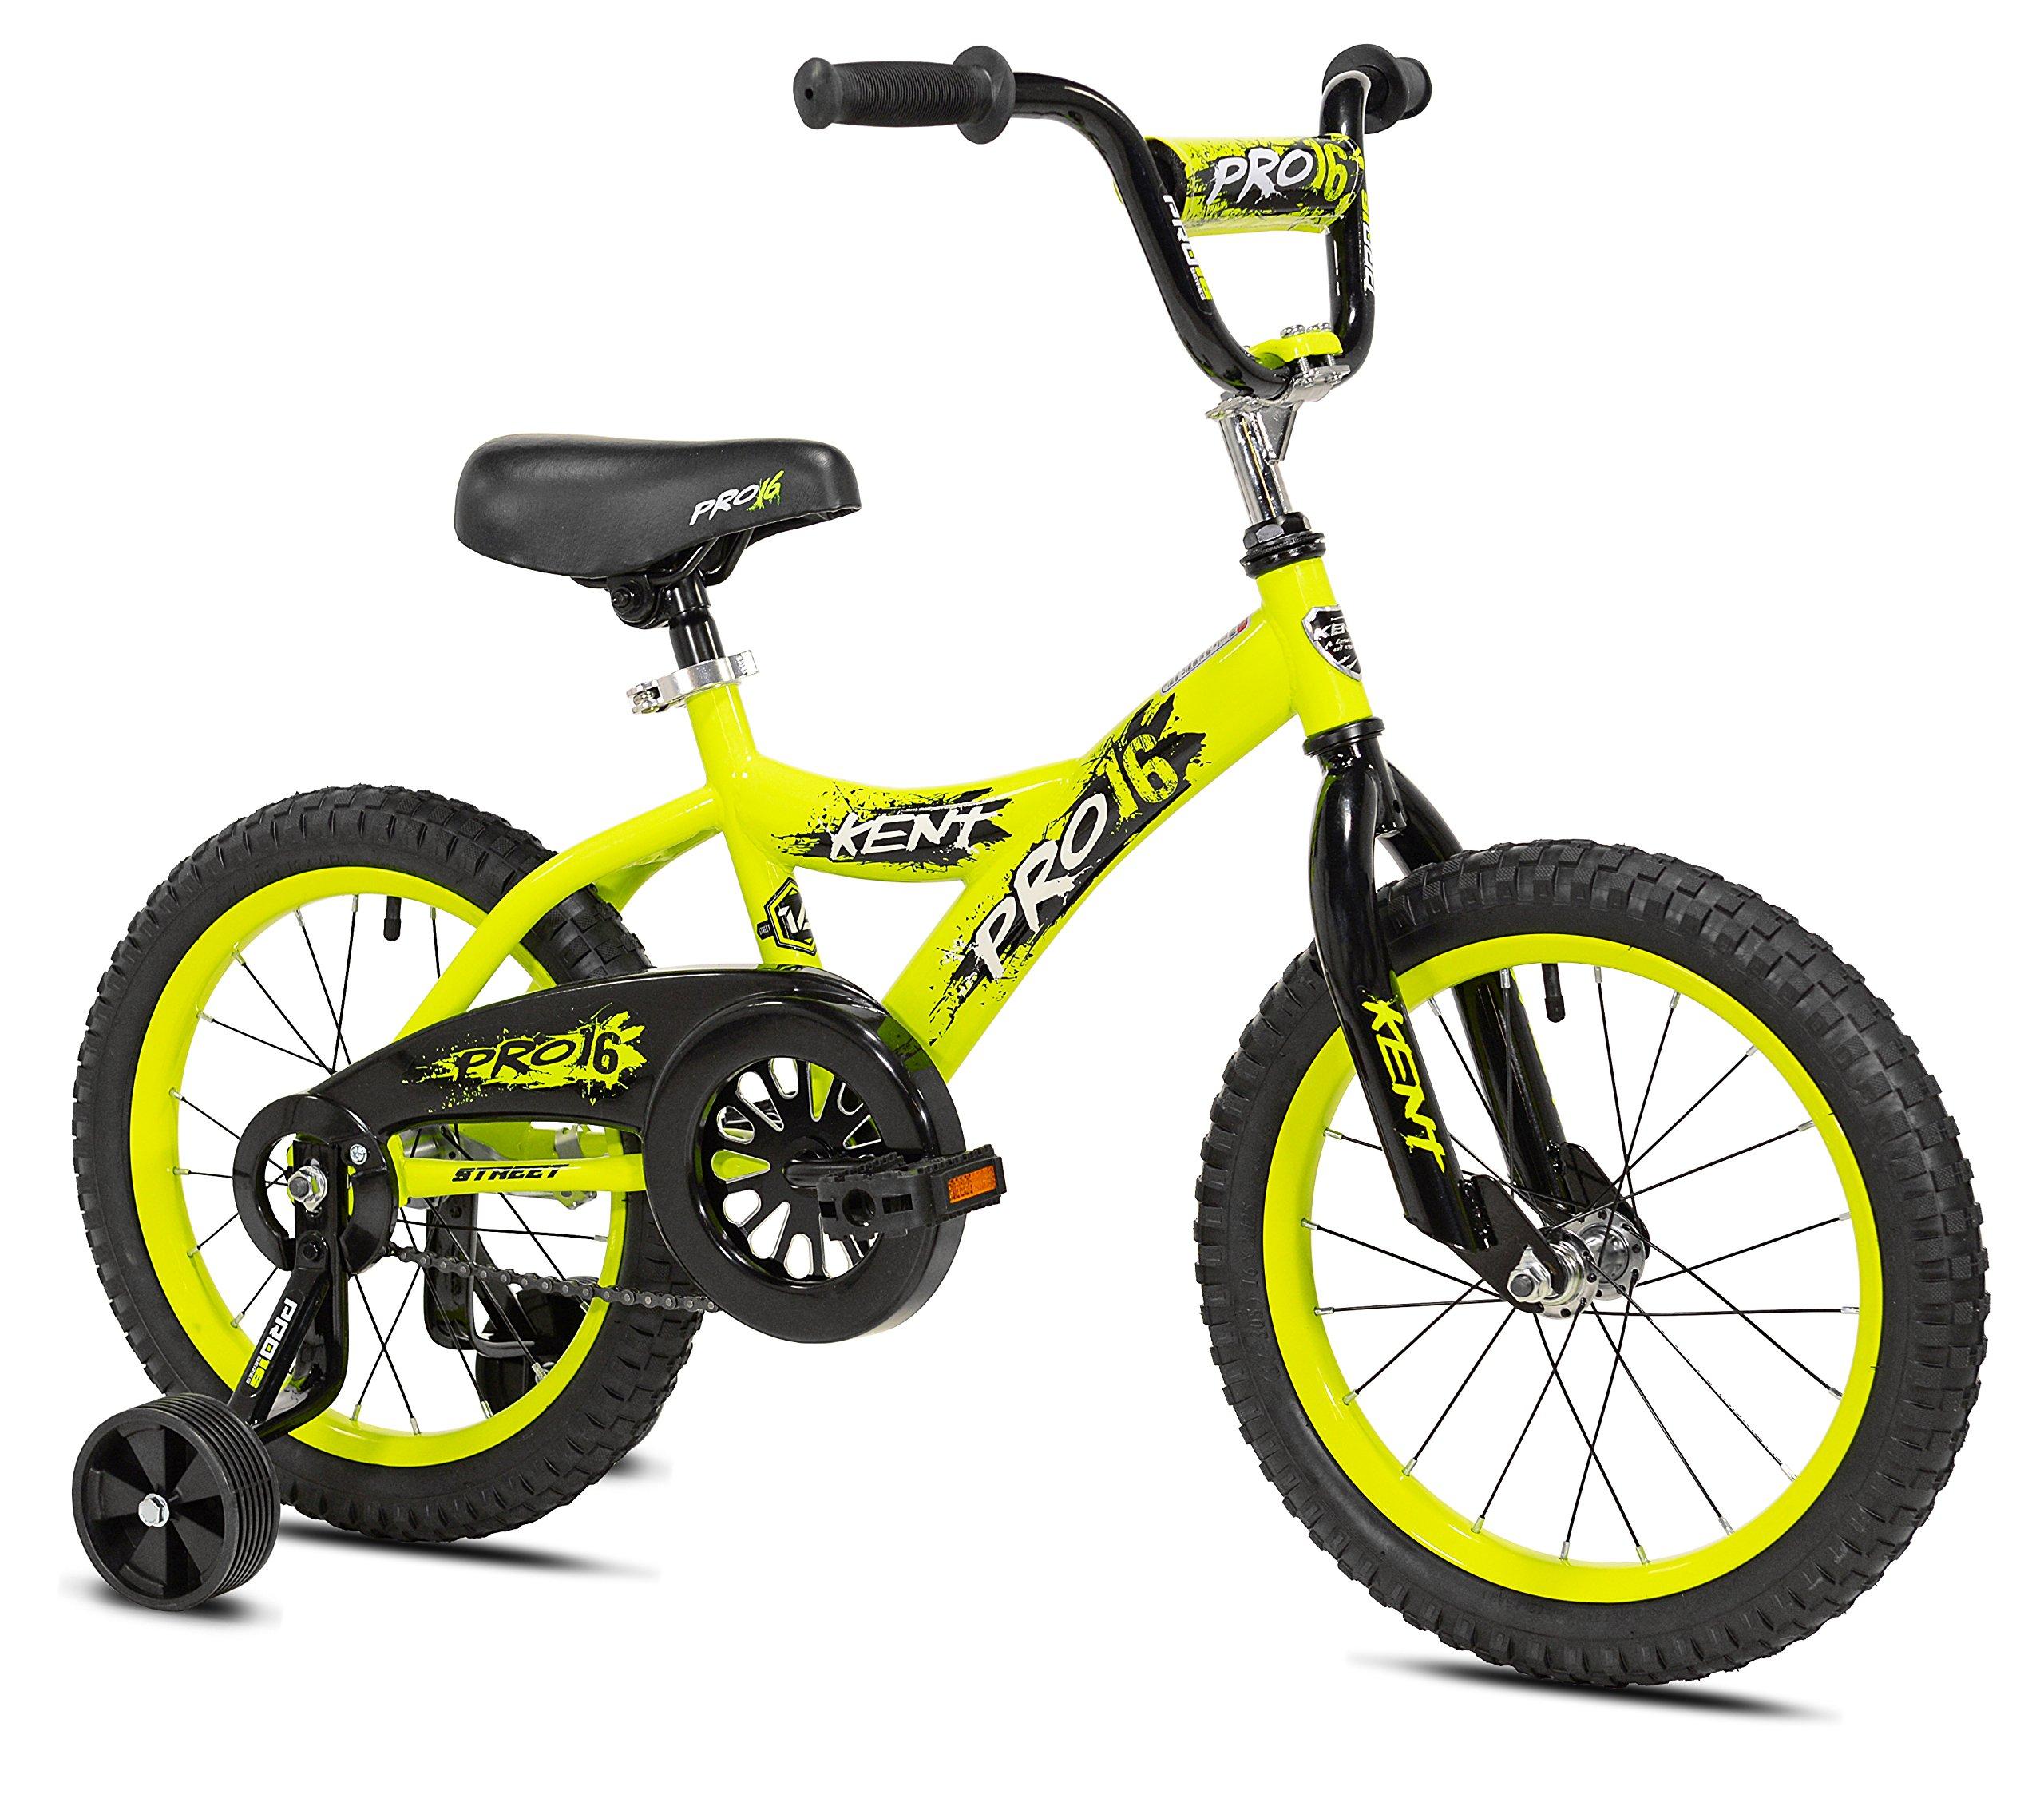 Kent Boys Pro Bike, 16'', Yellow